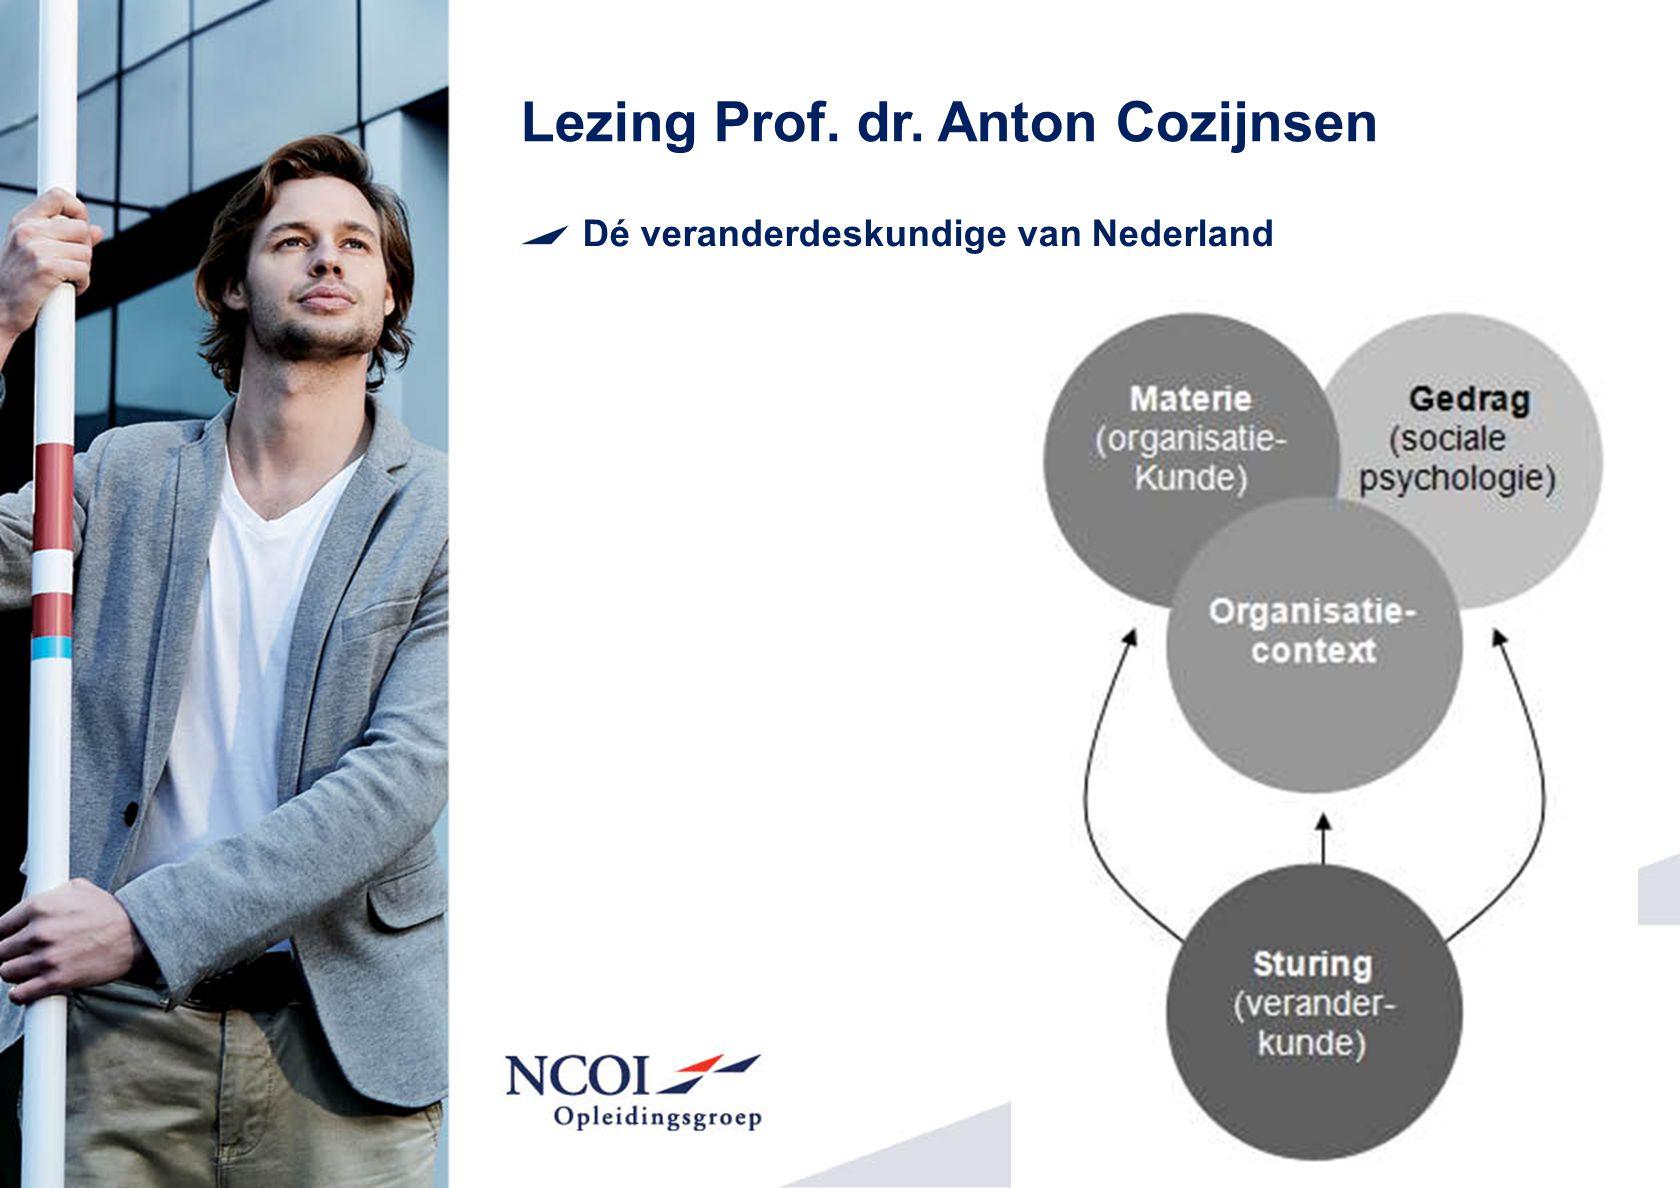 Lezing Prof. dr. Anton Cozijnsen Dé veranderdeskundige van Nederland